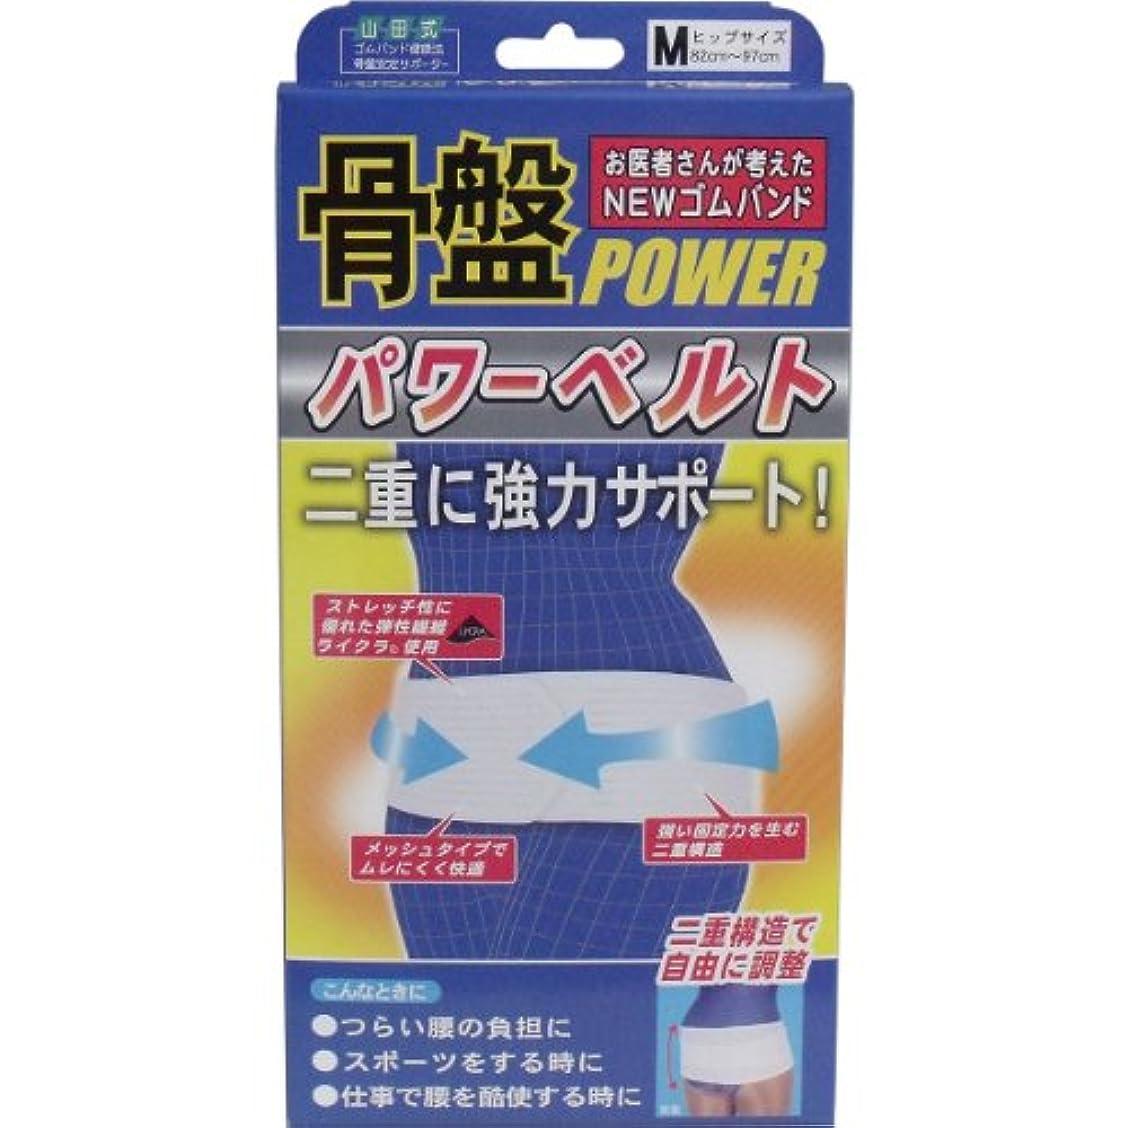 山田式 骨盤パワーベルト M ×10個セット